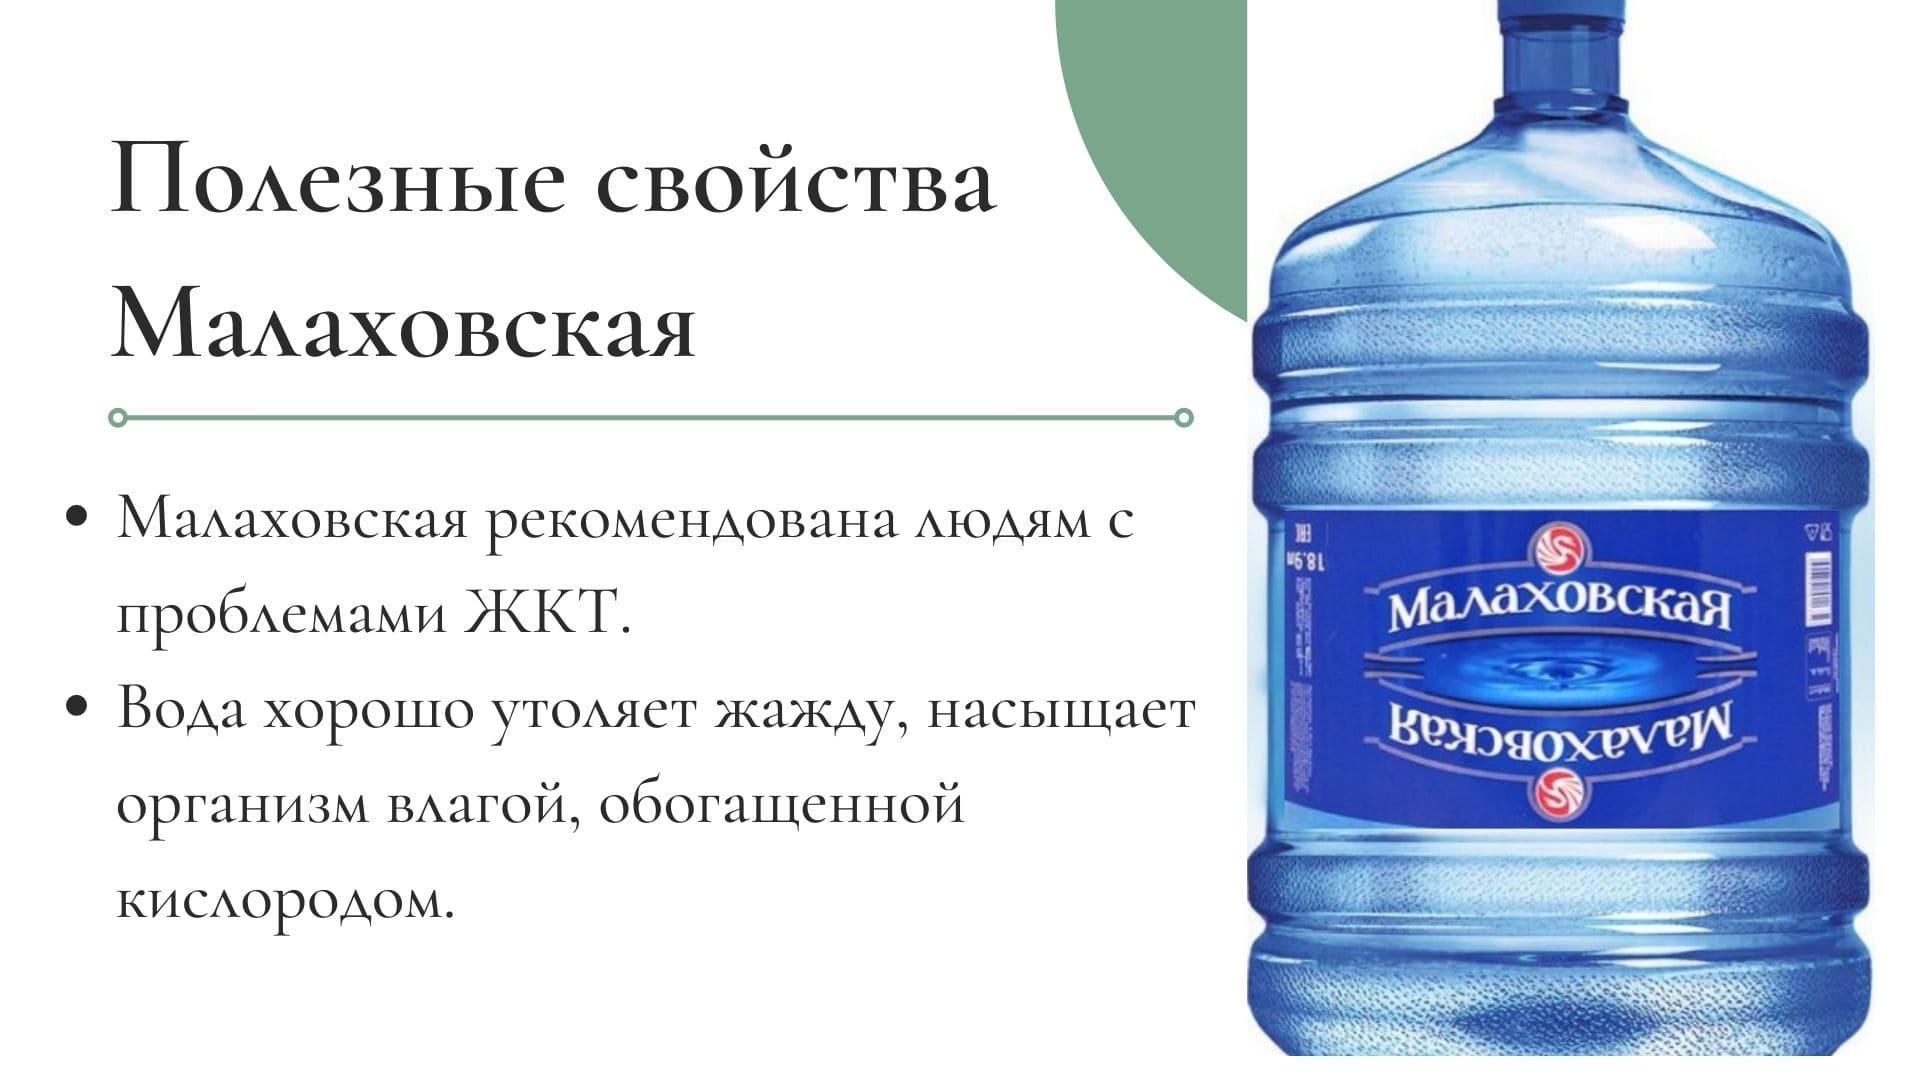 Преимущества воды Малаховская